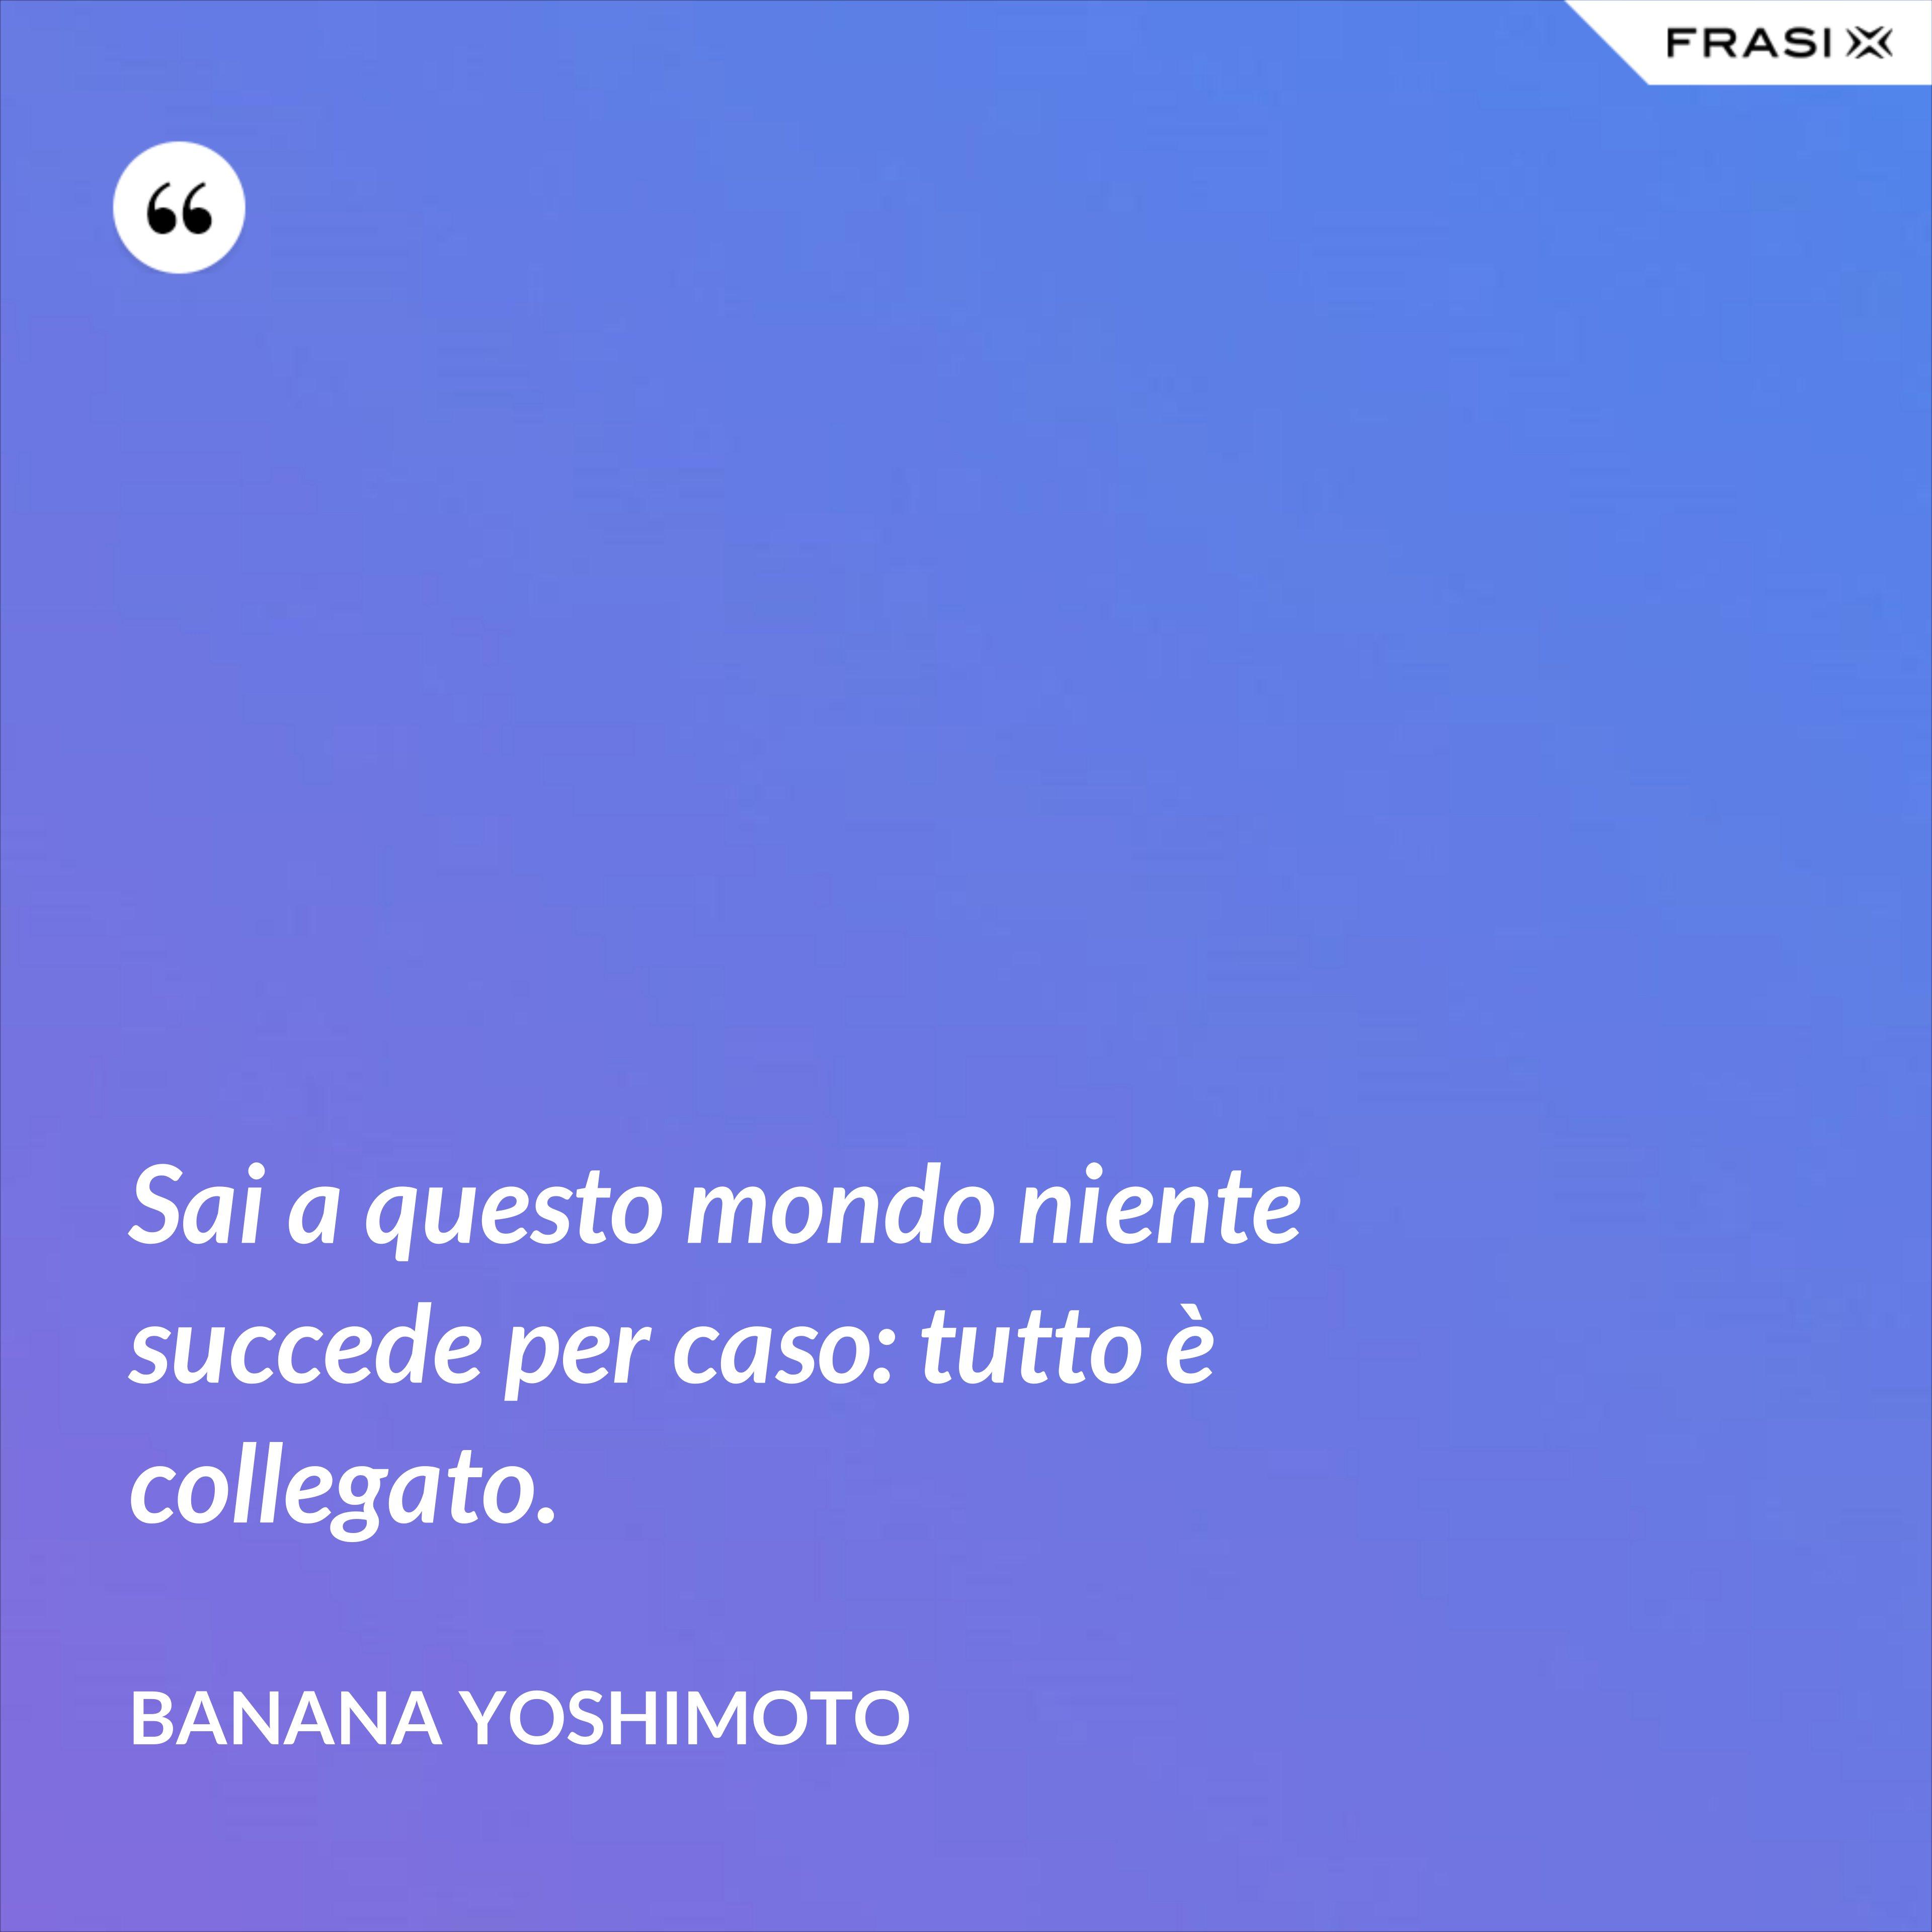 Sai a questo mondo niente succede per caso: tutto è collegato. - Banana Yoshimoto